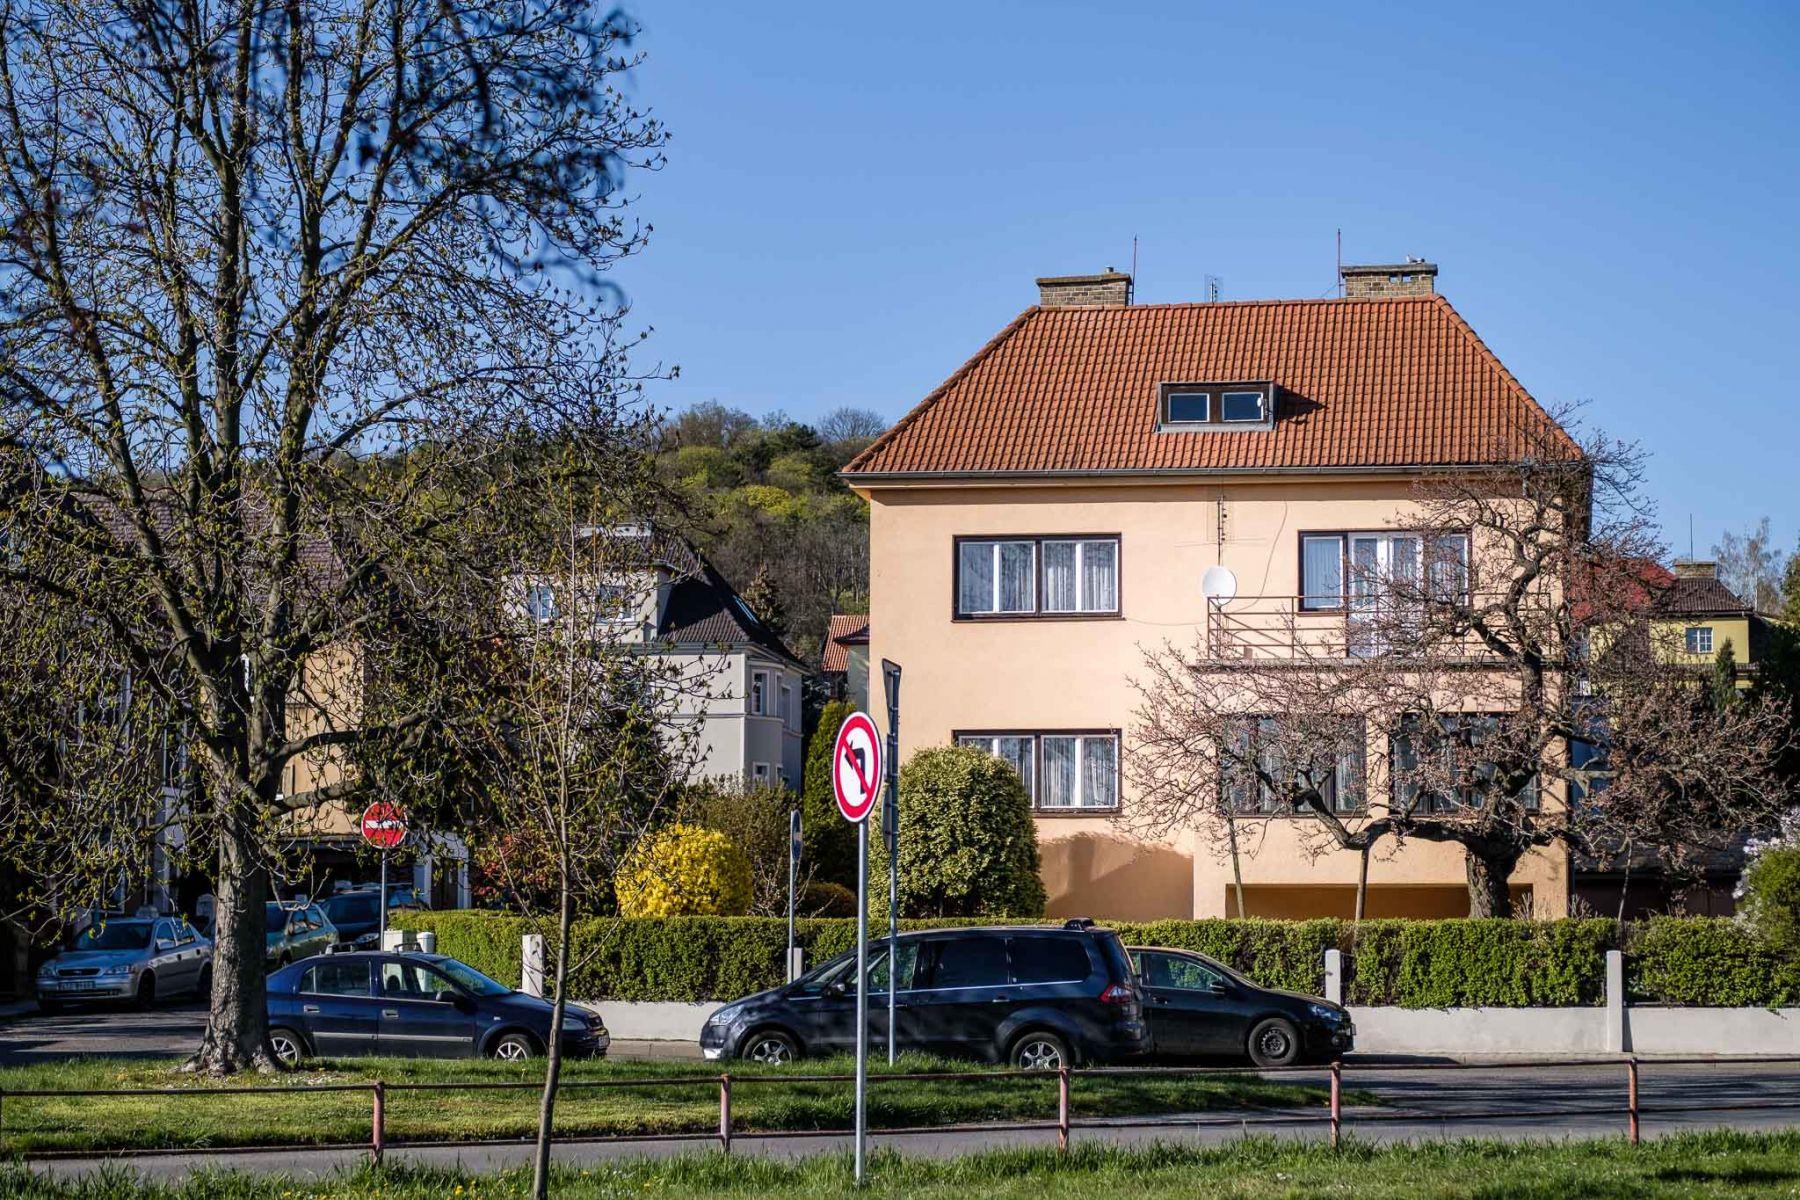 Prodej rodinné vily, Wolkerova ul., Litoměřice